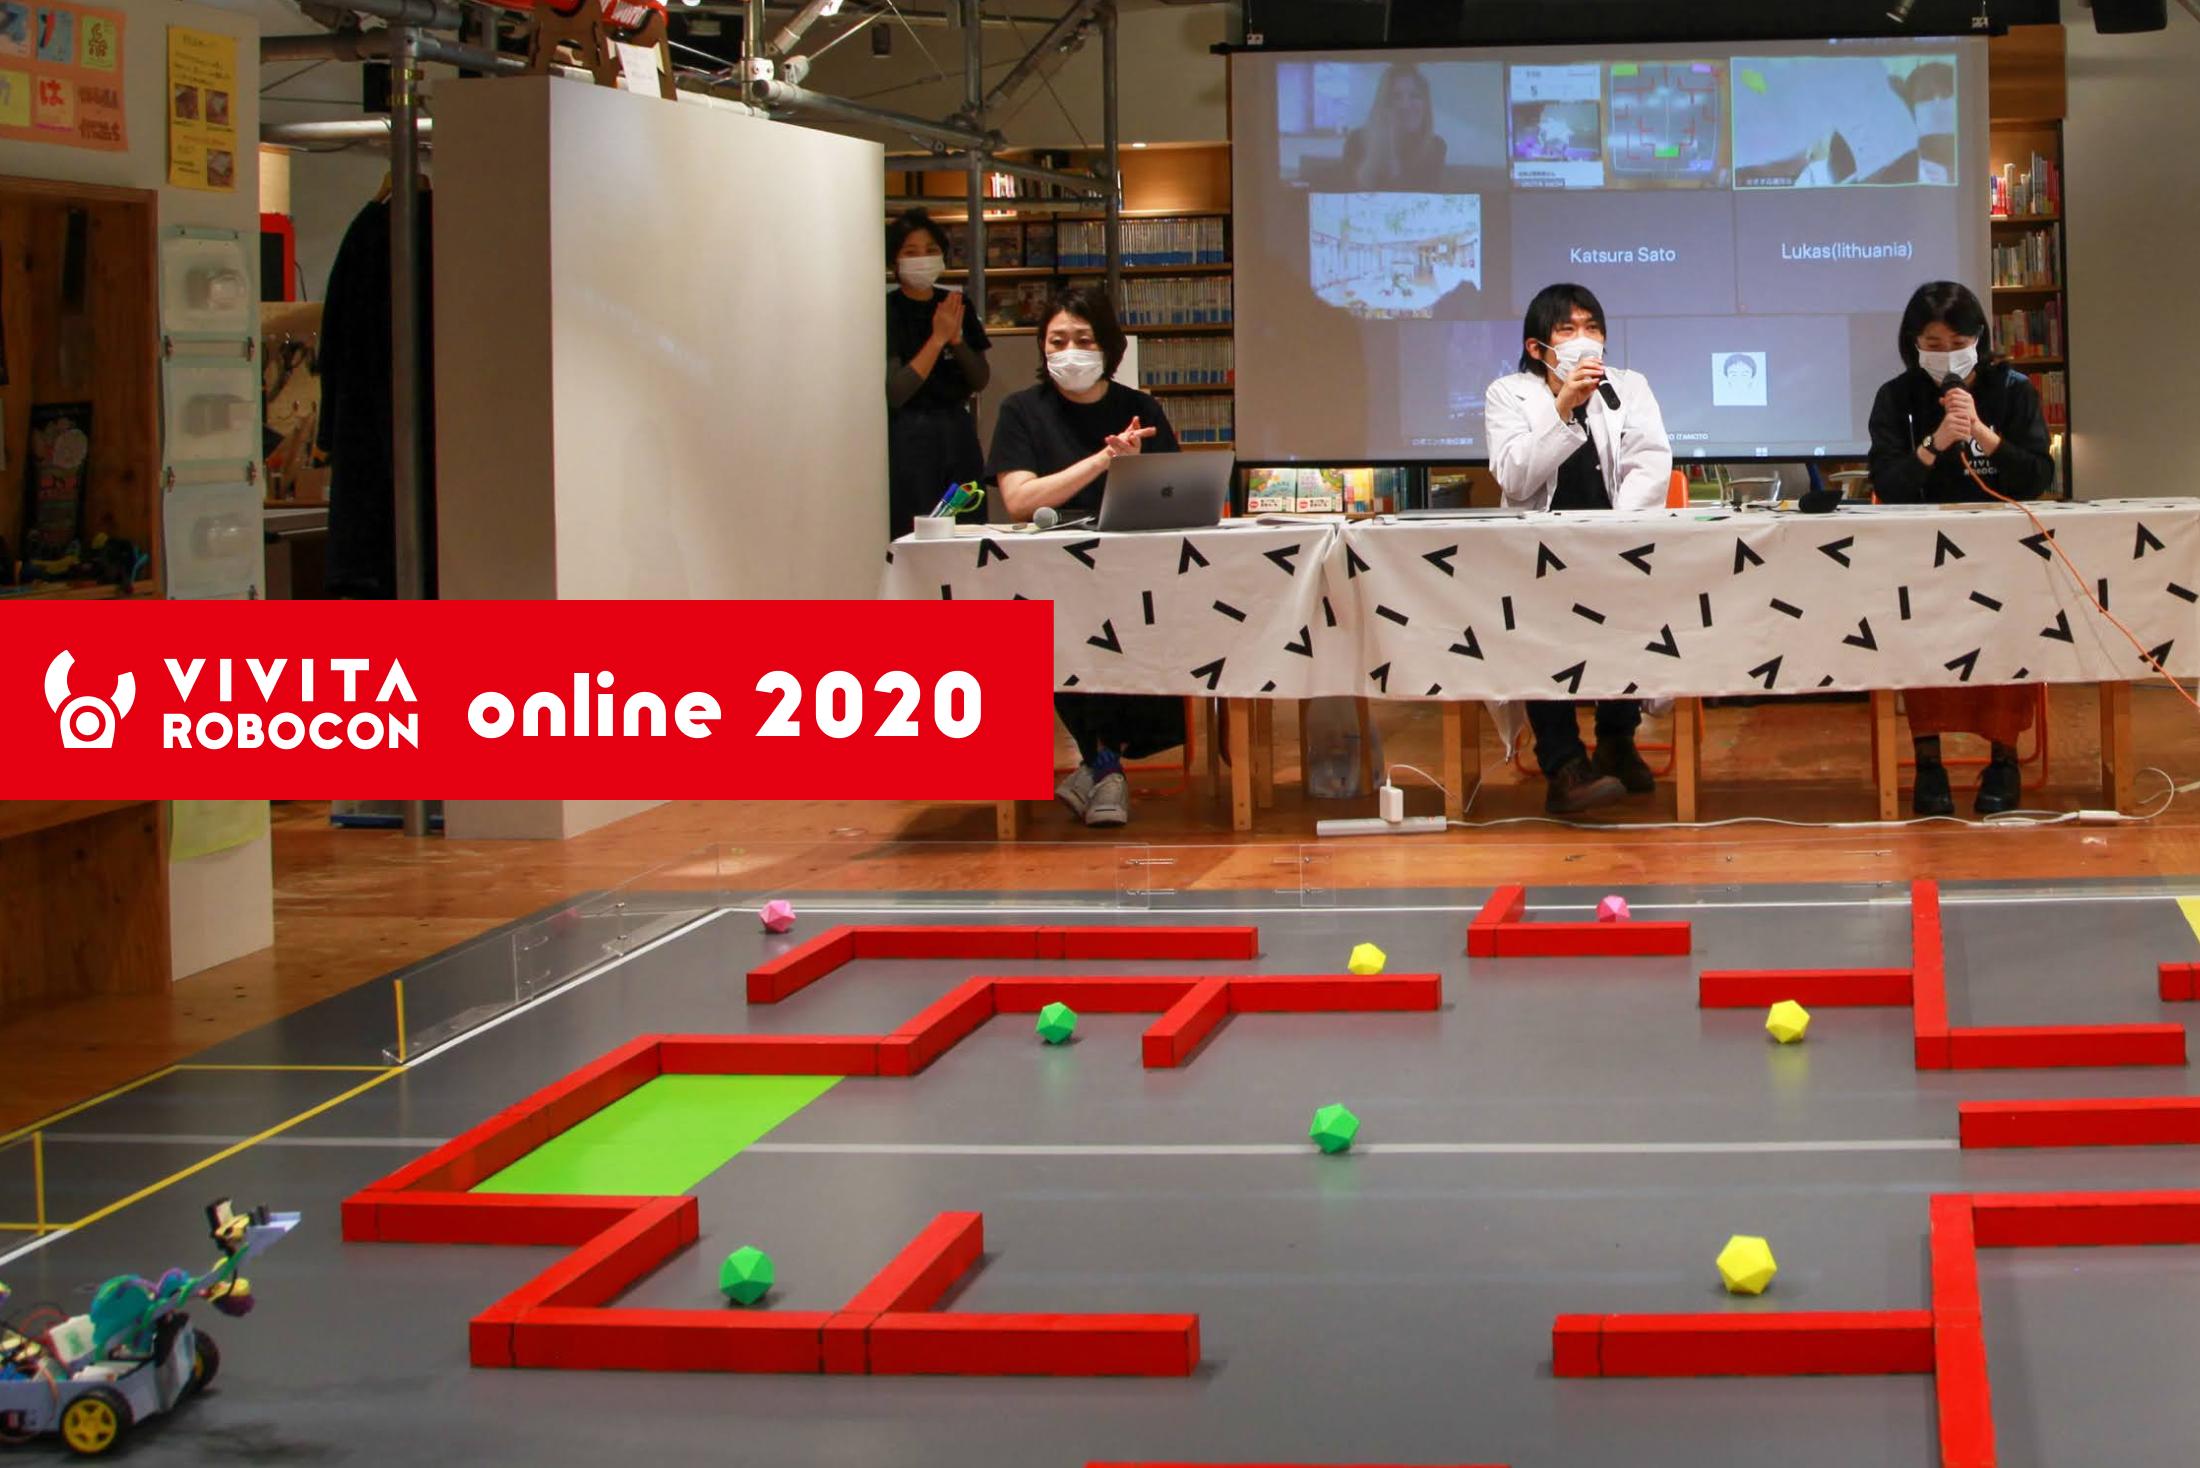 VIVITA ROBOCON online 2020